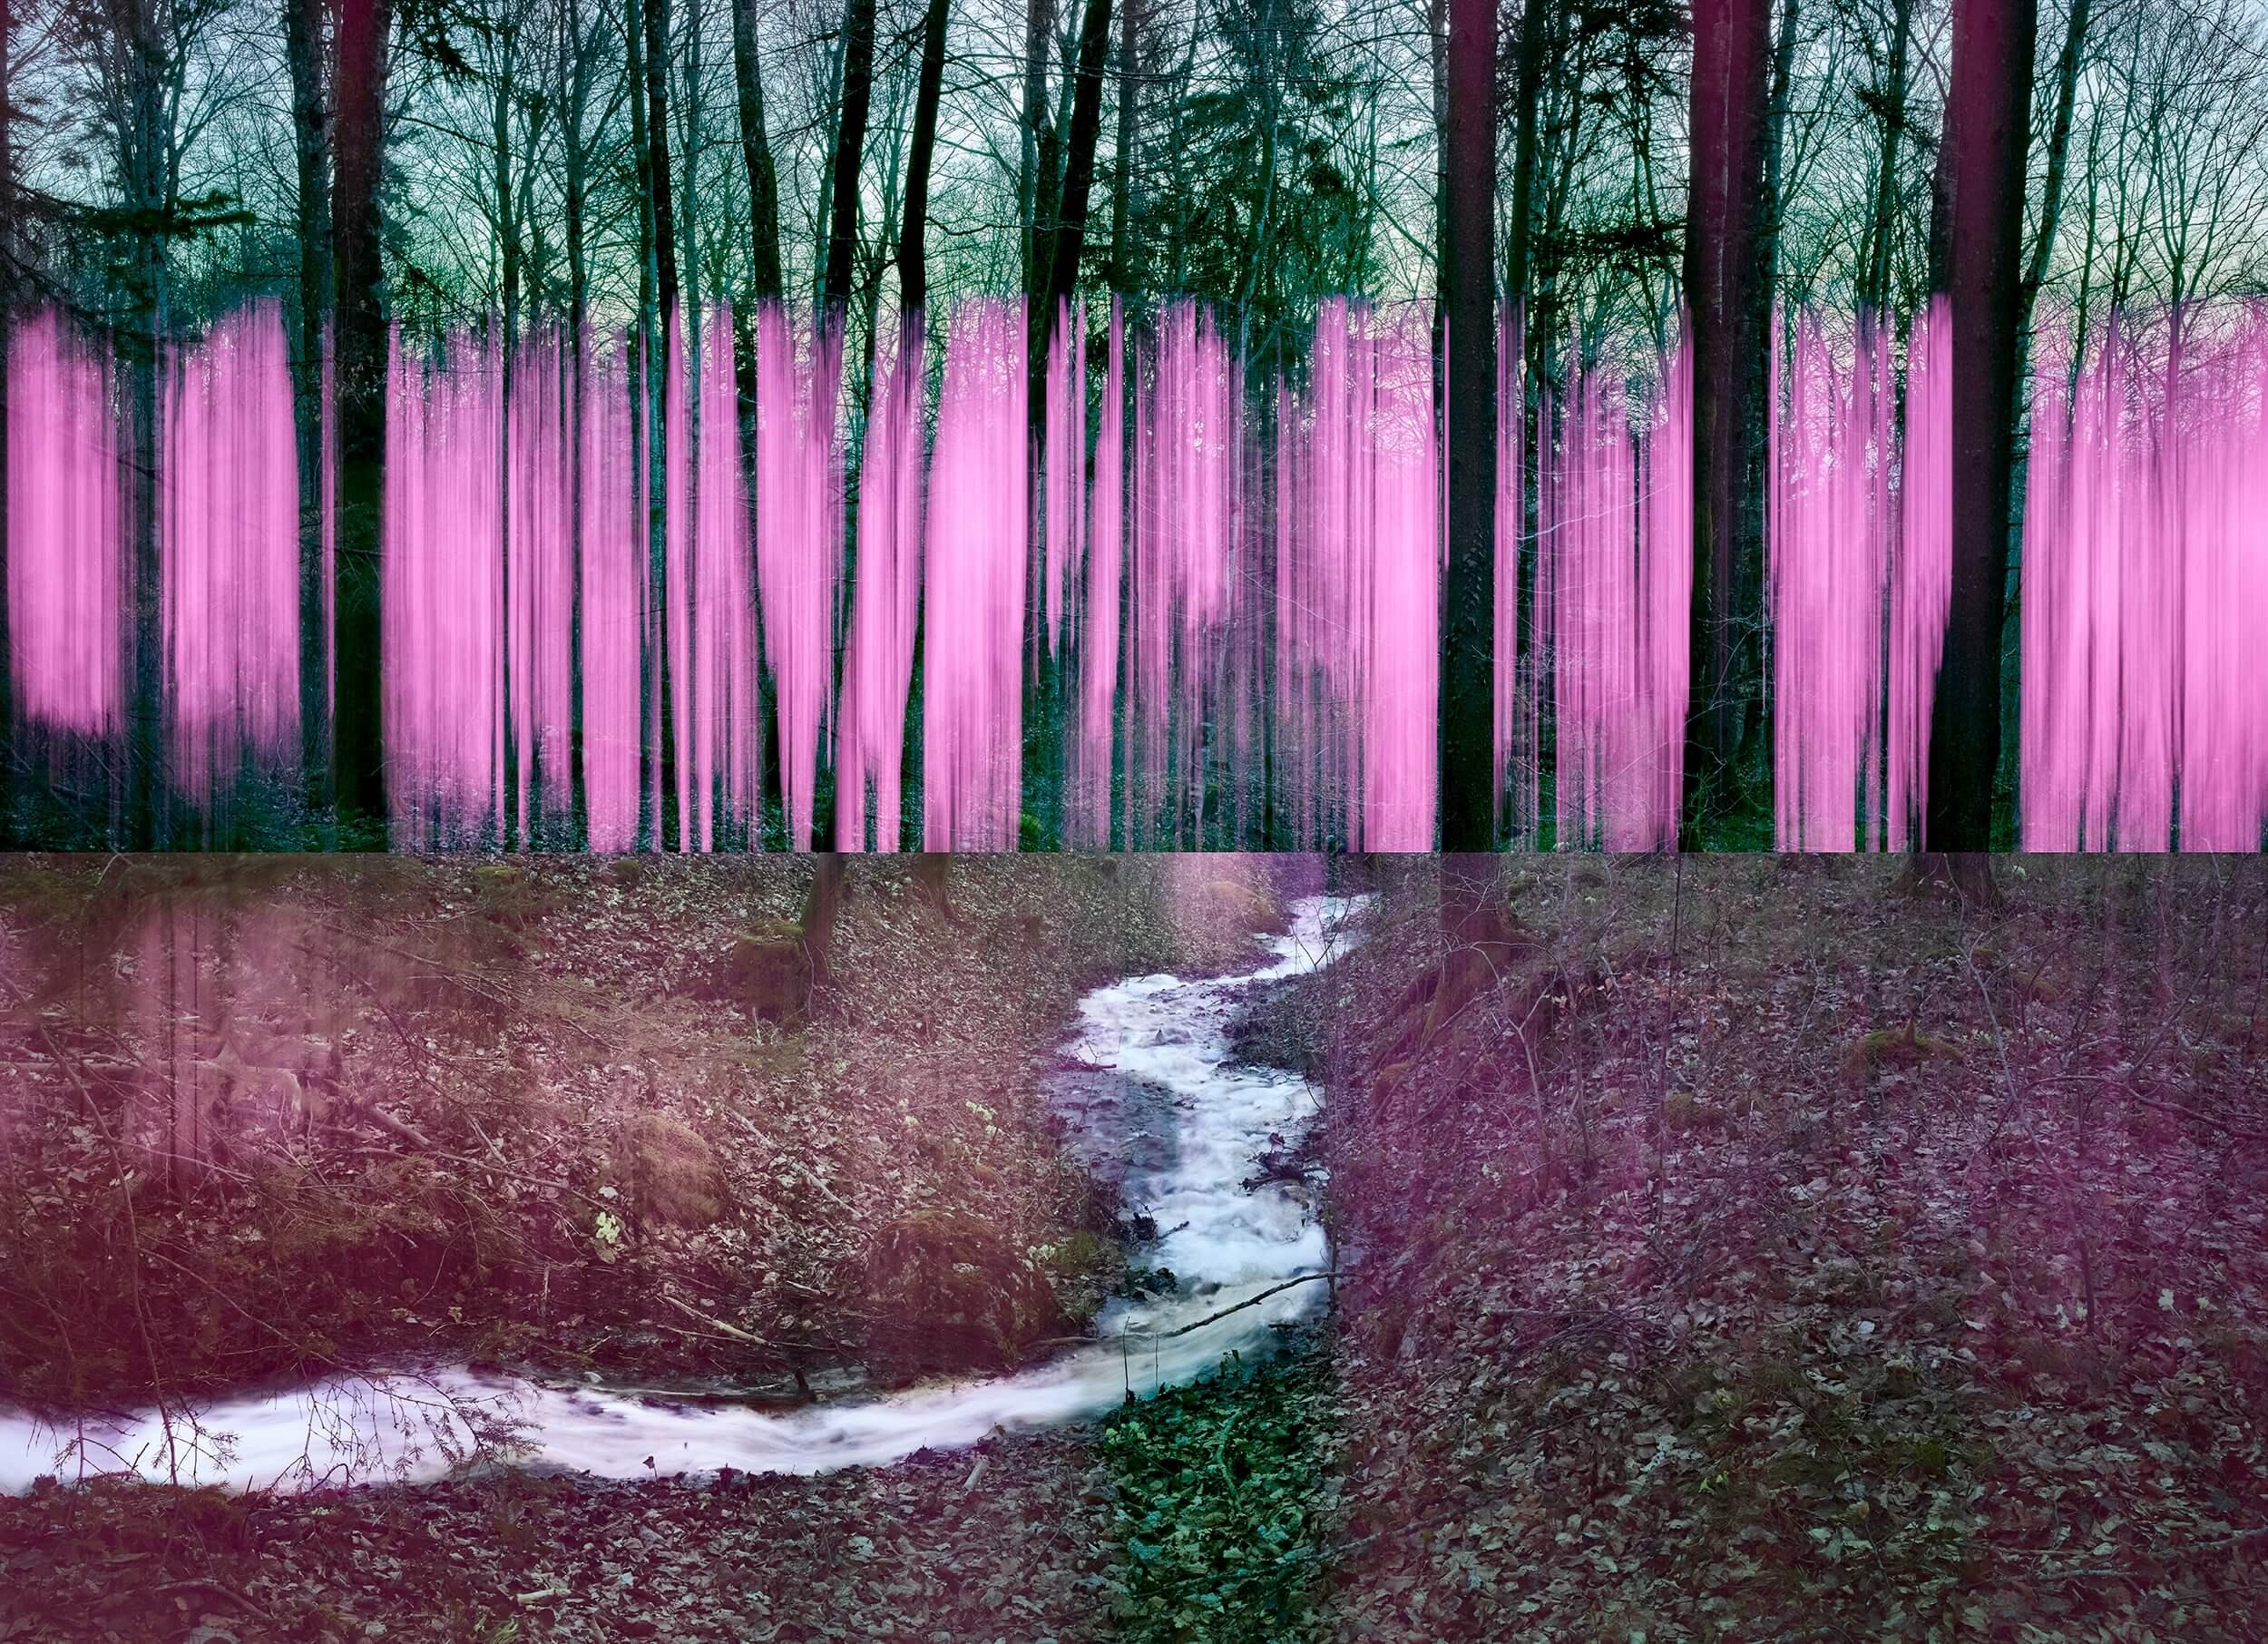 pinkforest03 copie2